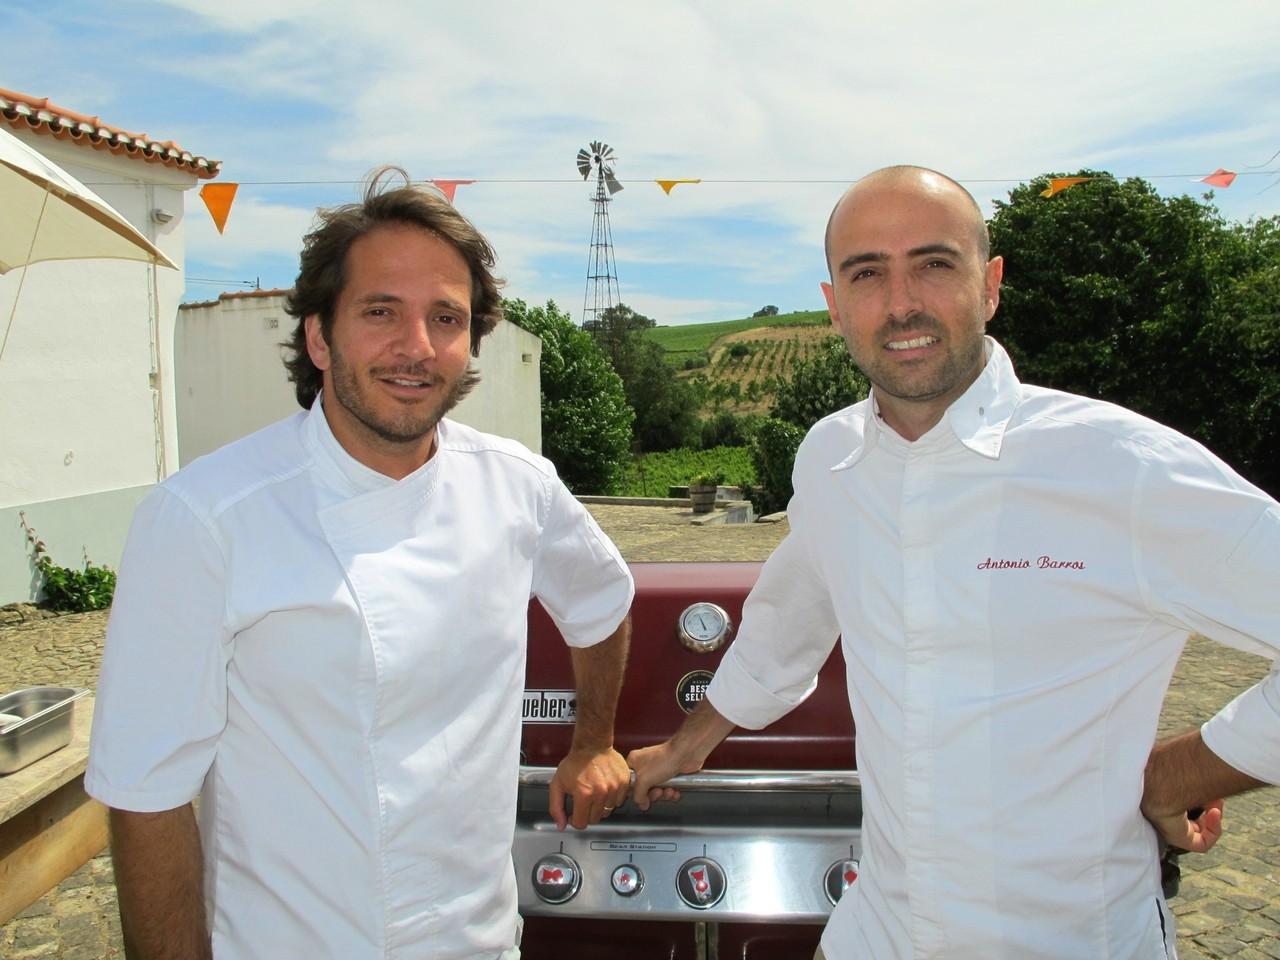 Kiko Martins e António Barros